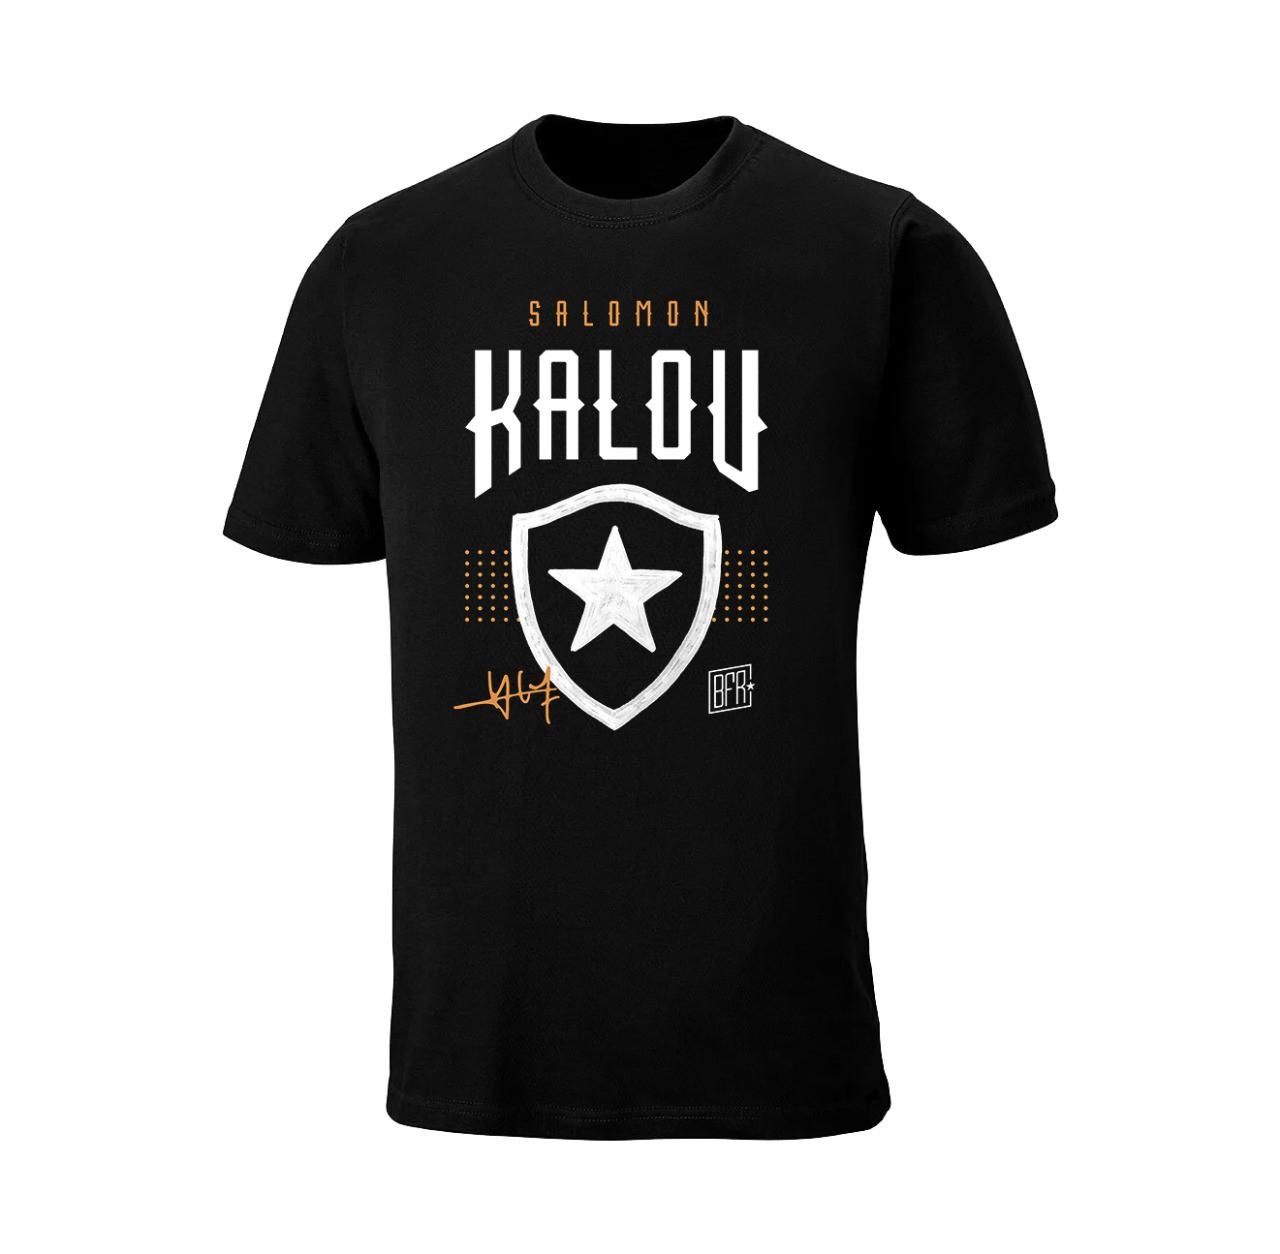 Camiseta Salomon Kalou Infantil